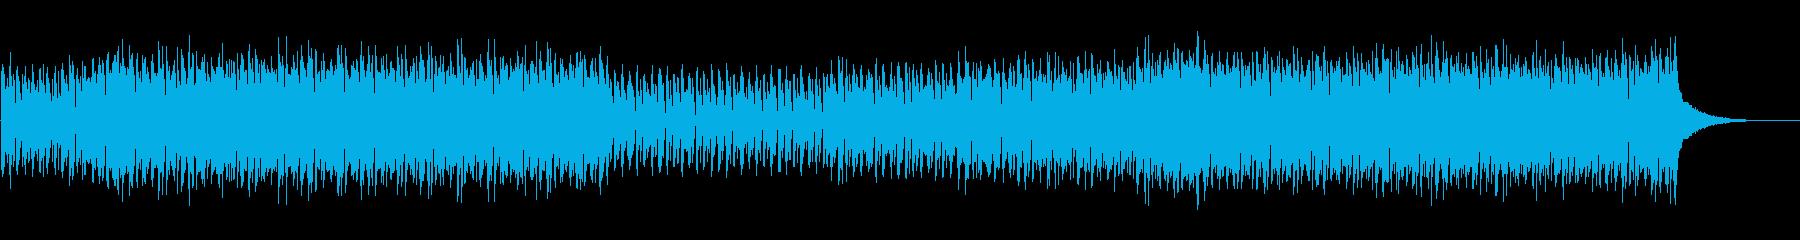 ギラギラしたド派手なディスコトランスの再生済みの波形